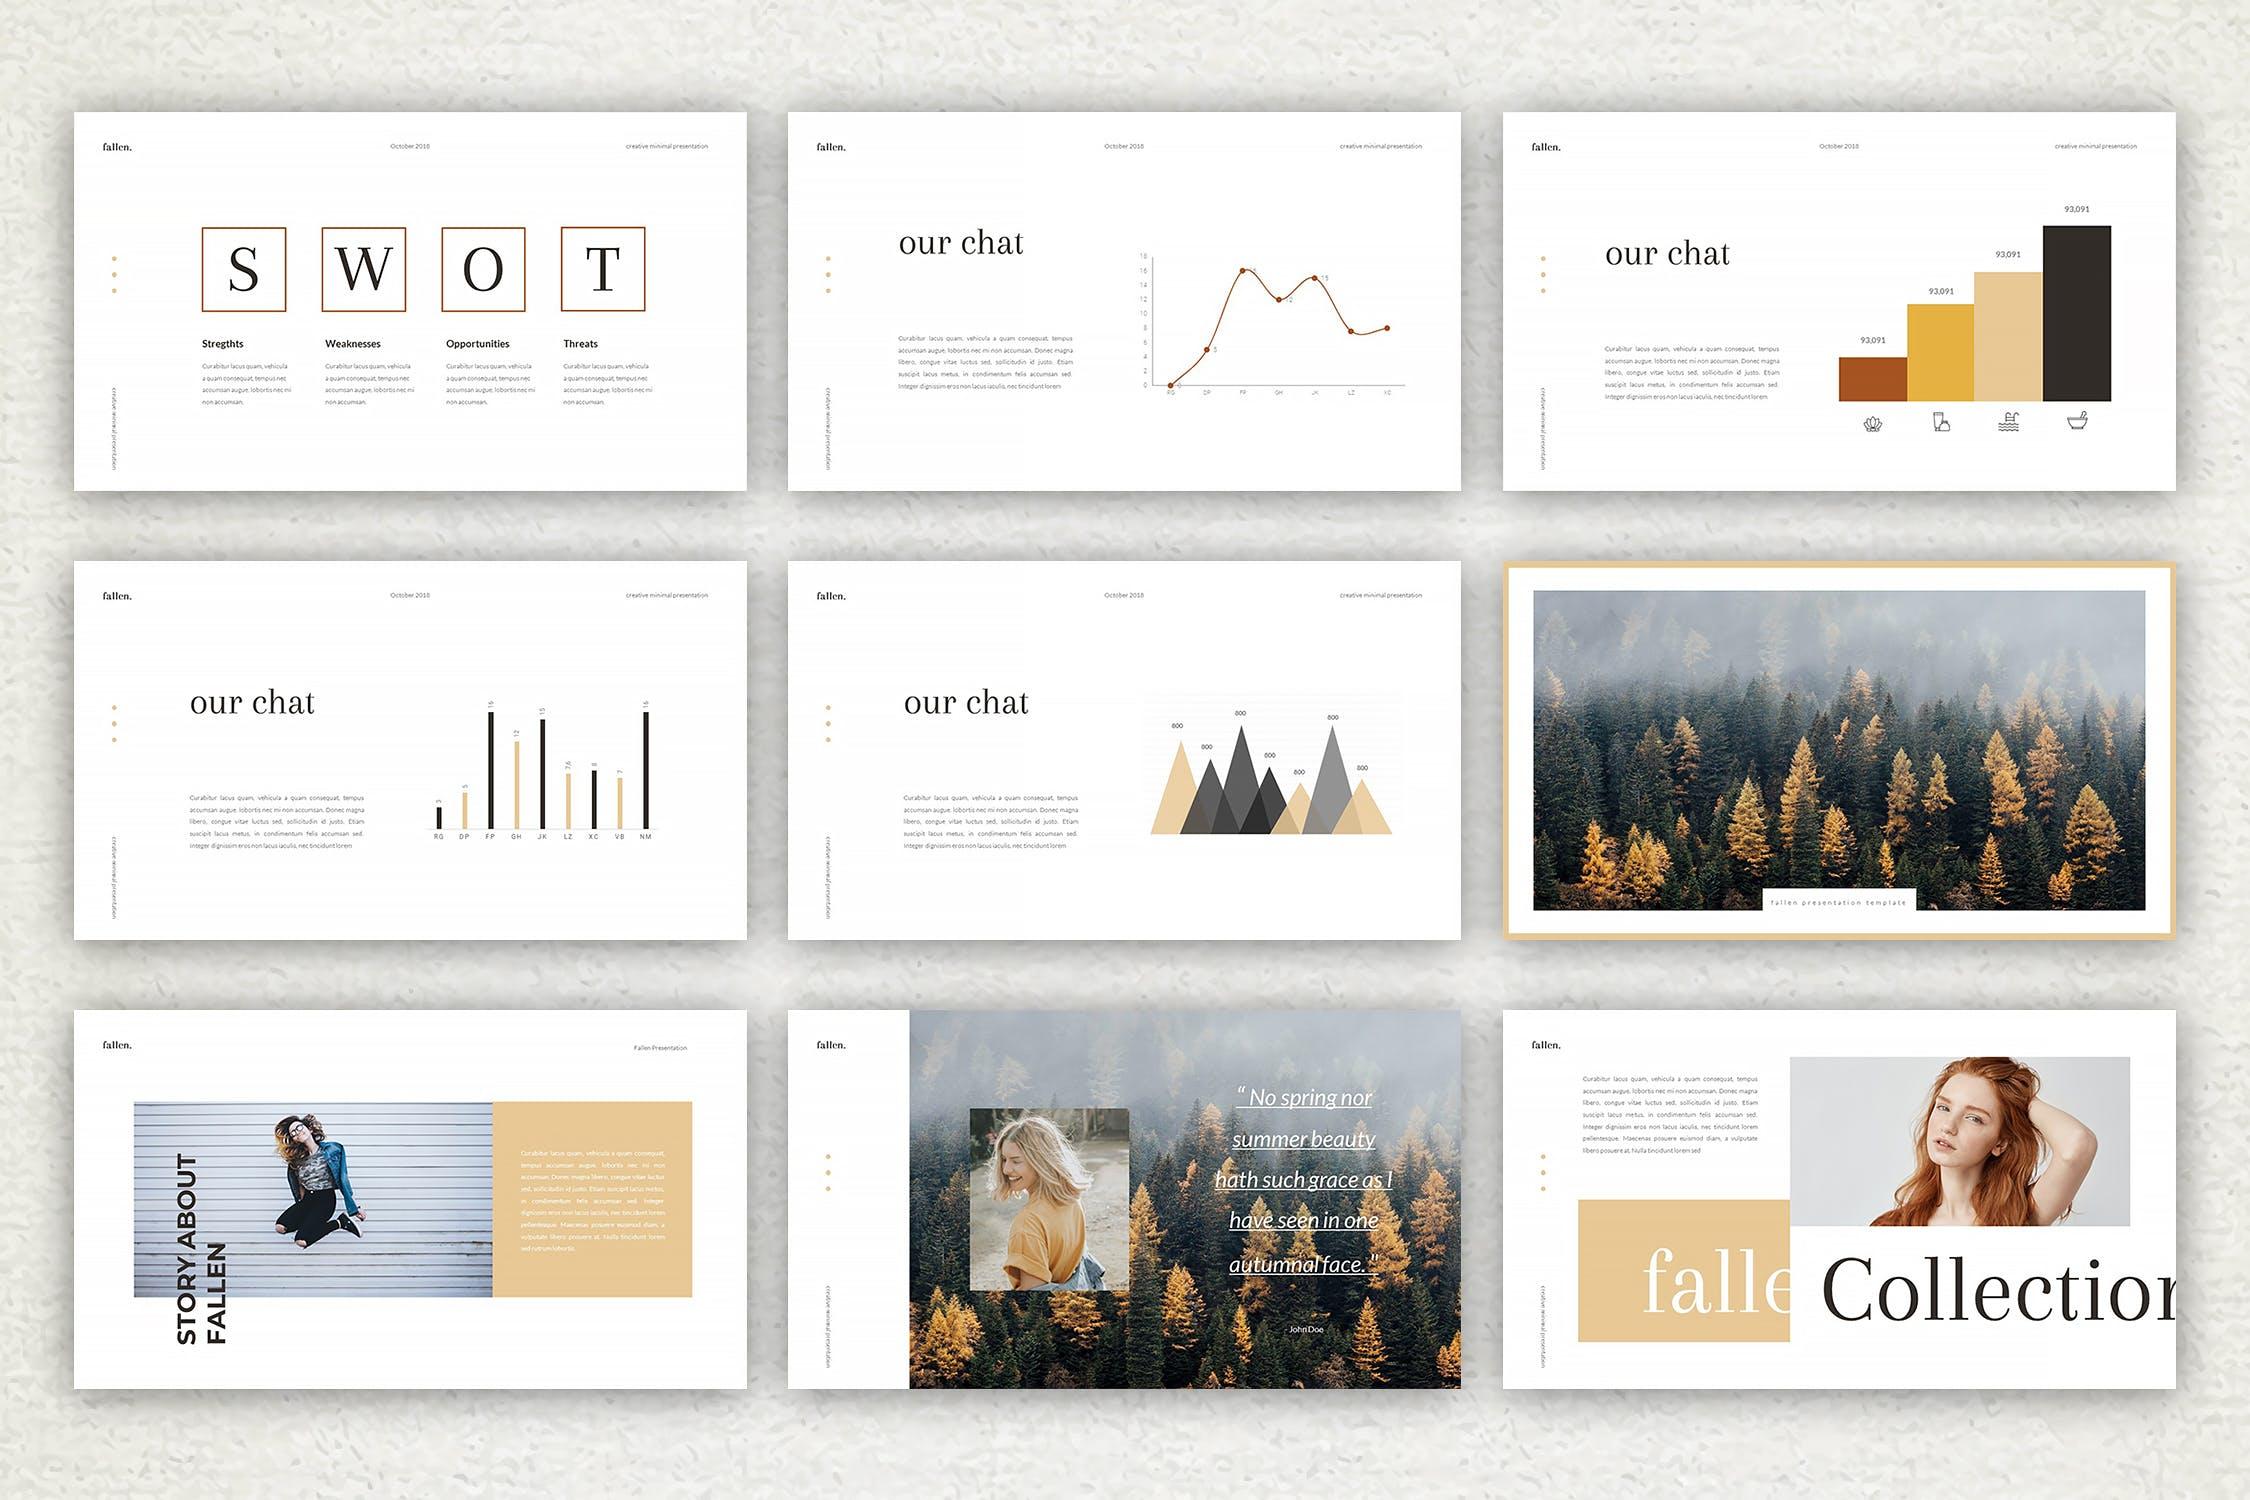 优雅简洁版式多用途活动展示和营销PPT幻灯片模板下载Fallen Keynote Template插图(2)